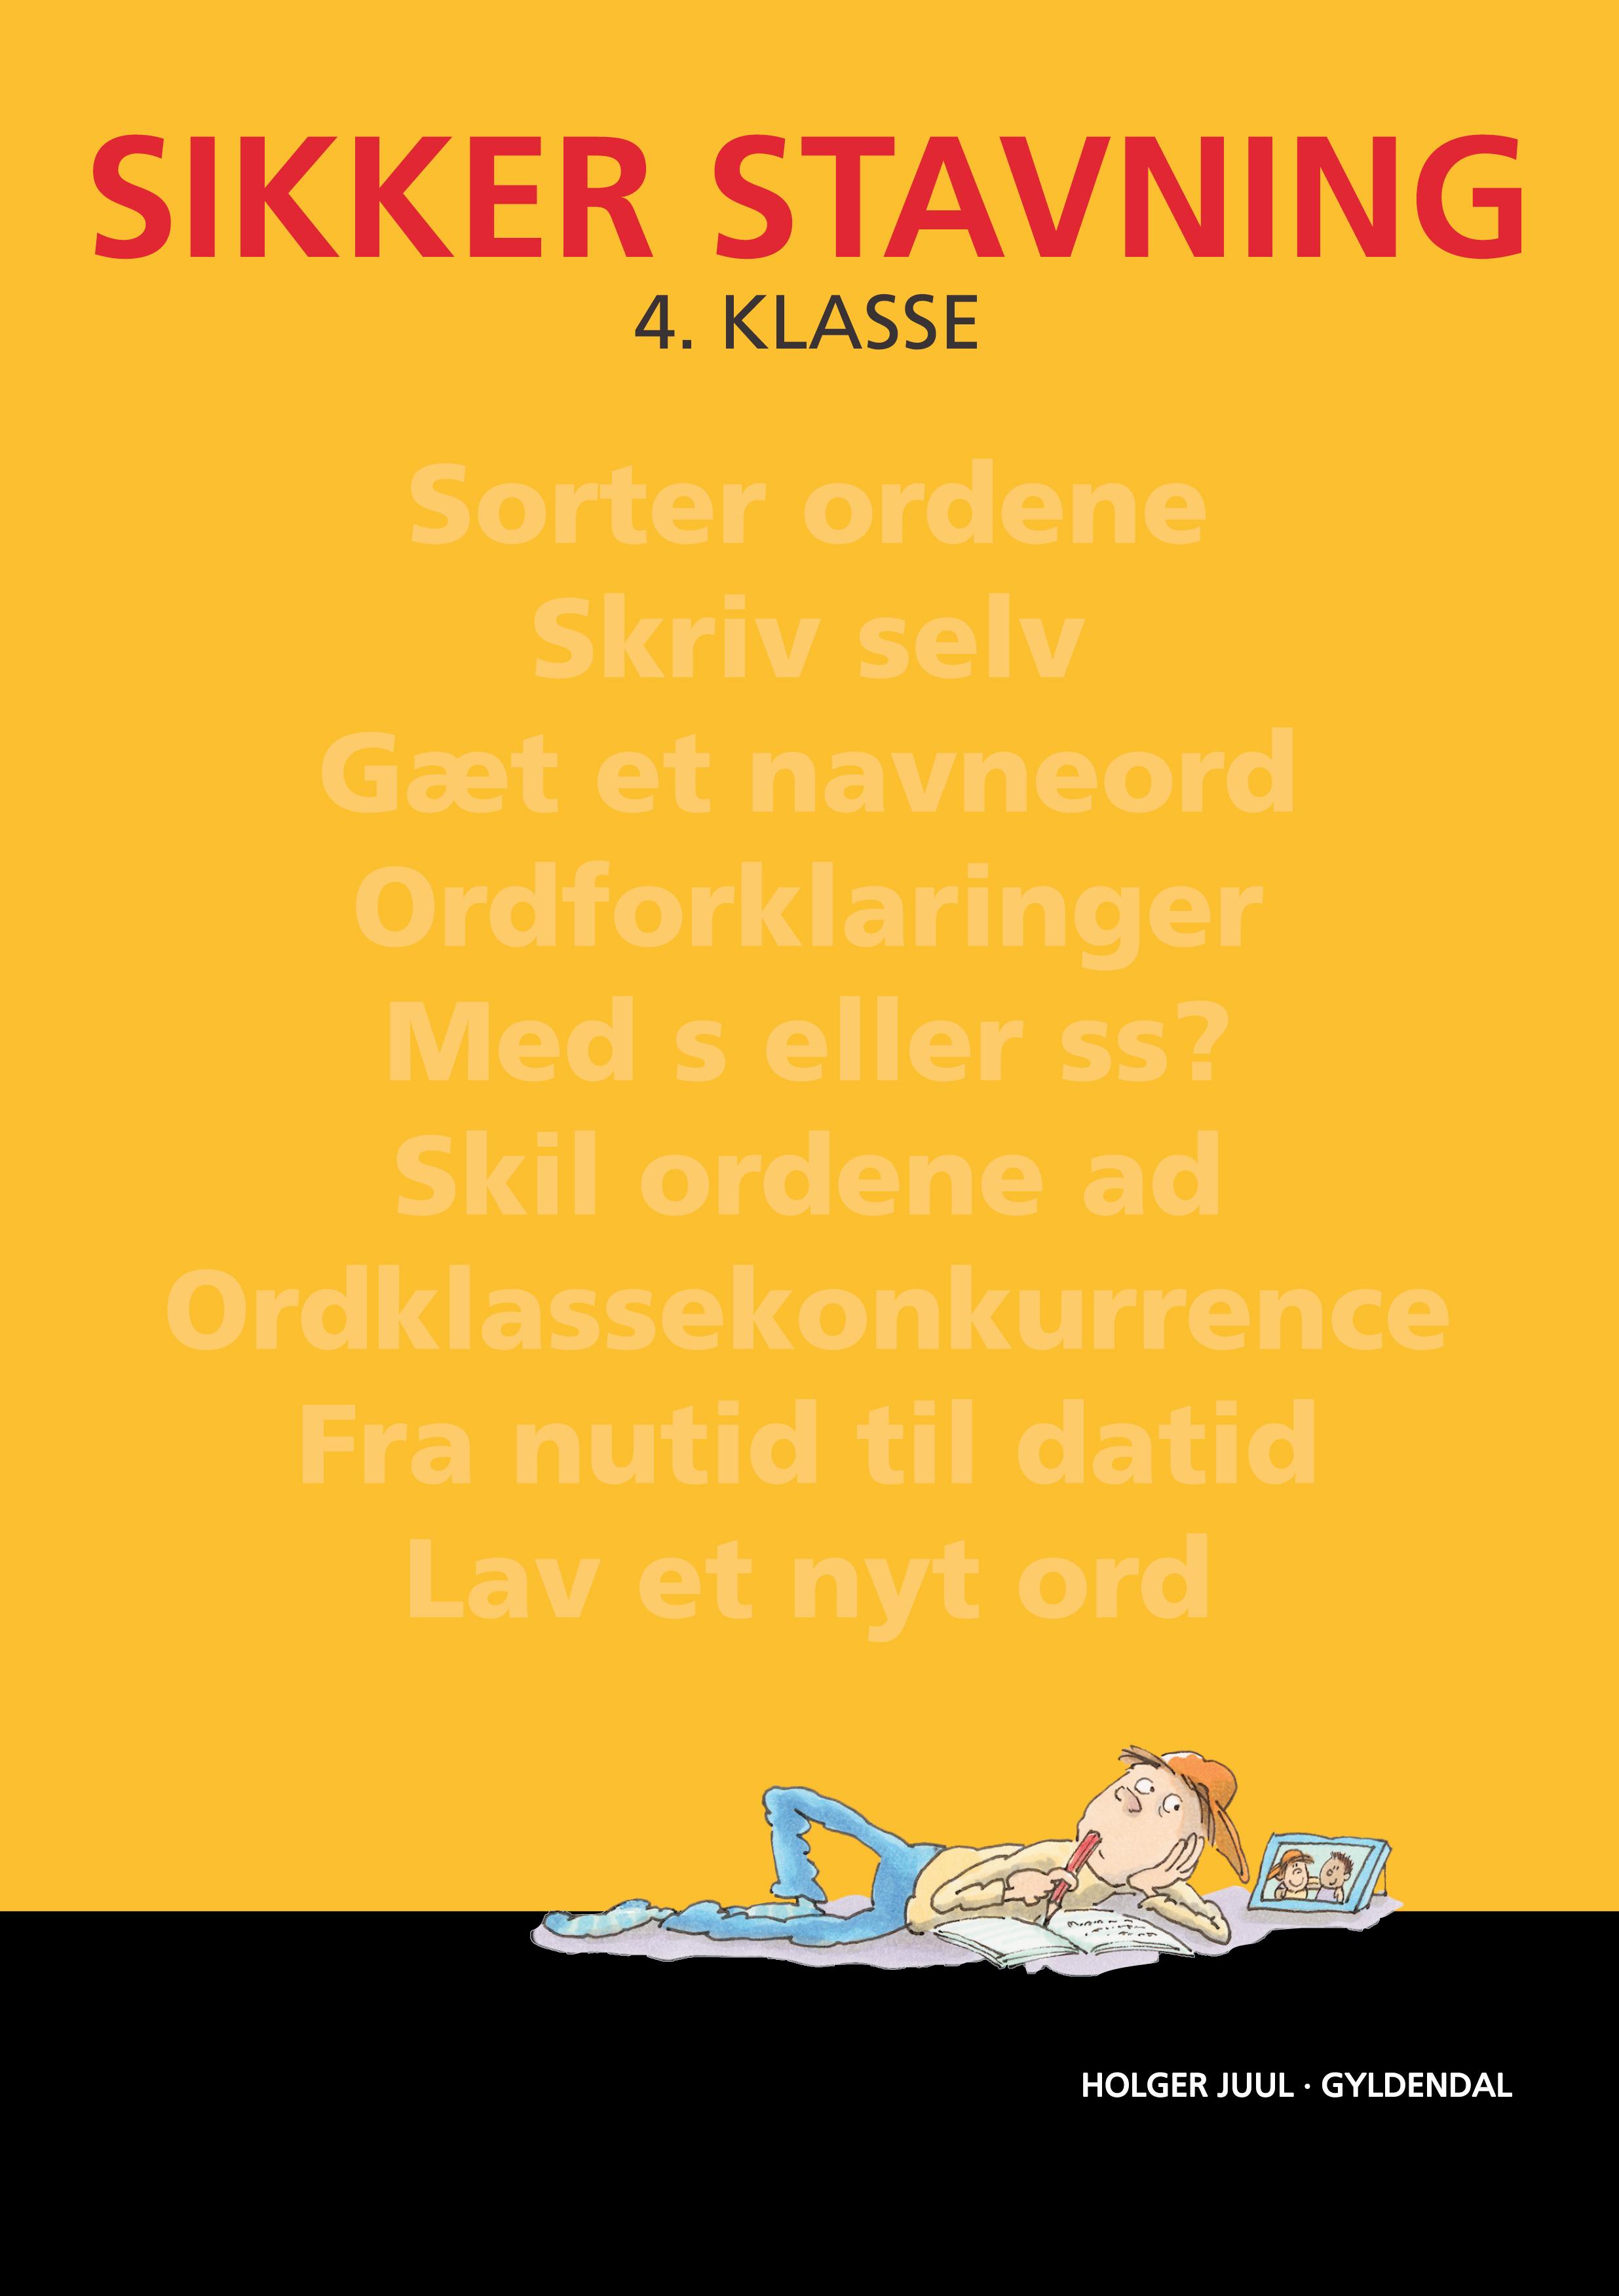 svære danske ord at stave